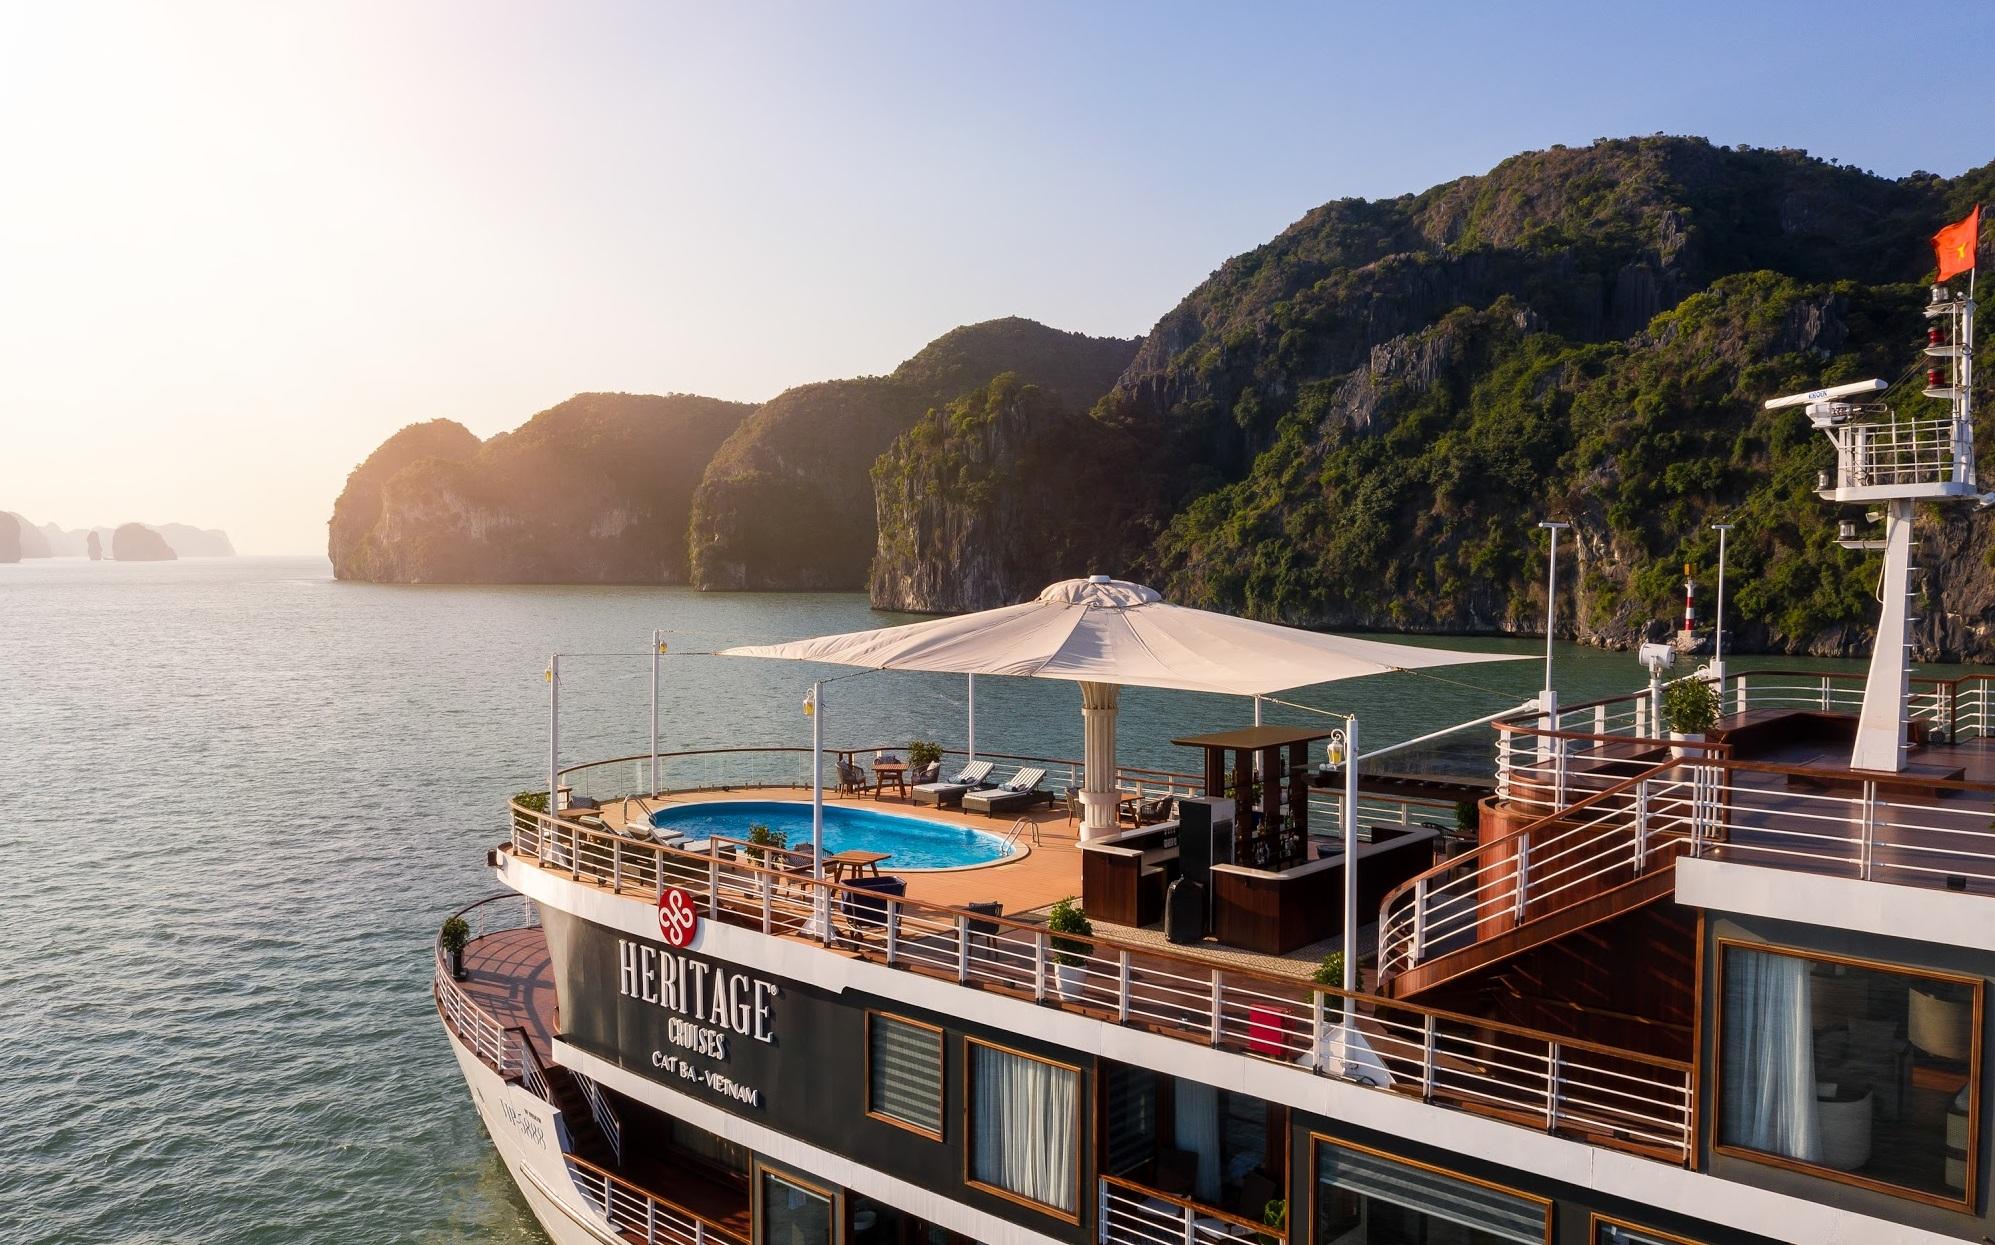 Khám phá du thuyền 5 sao Heritage Cruise Bình Chuẩn Cát Bà ...